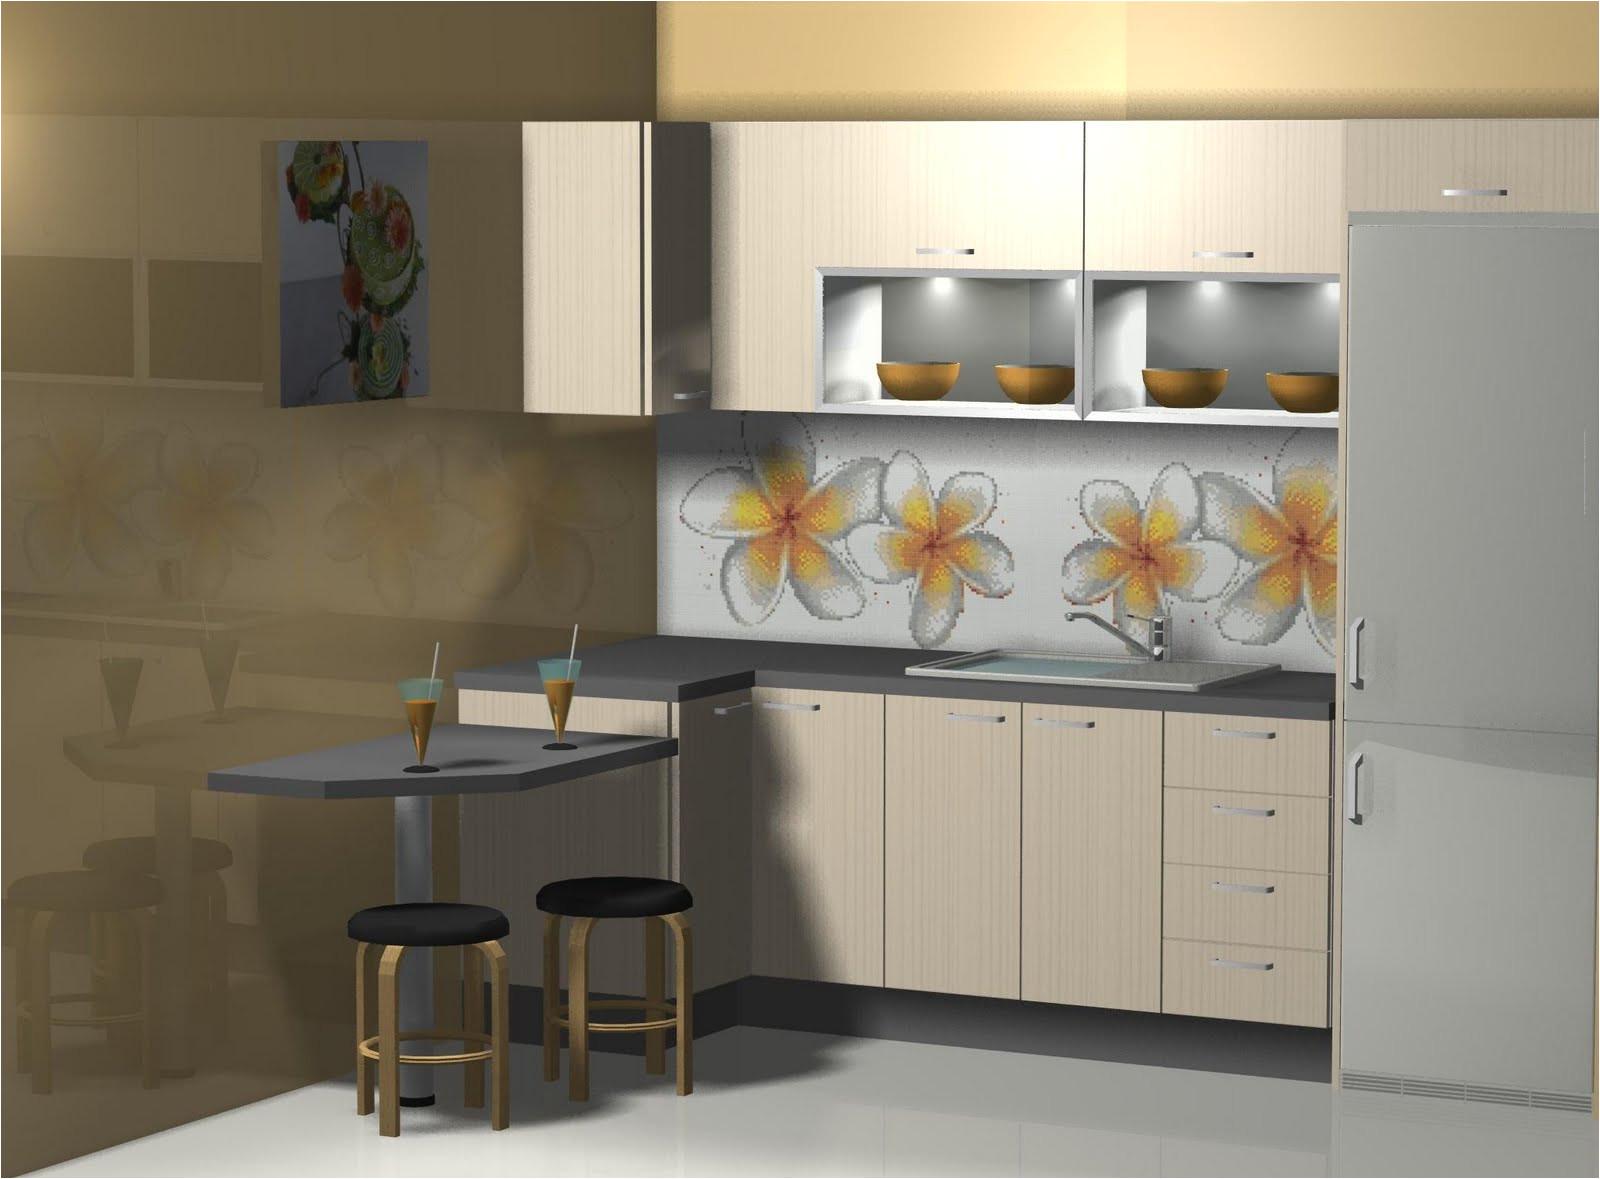 excellent barras para cocinas pequeas with barras para cocinas pequeas